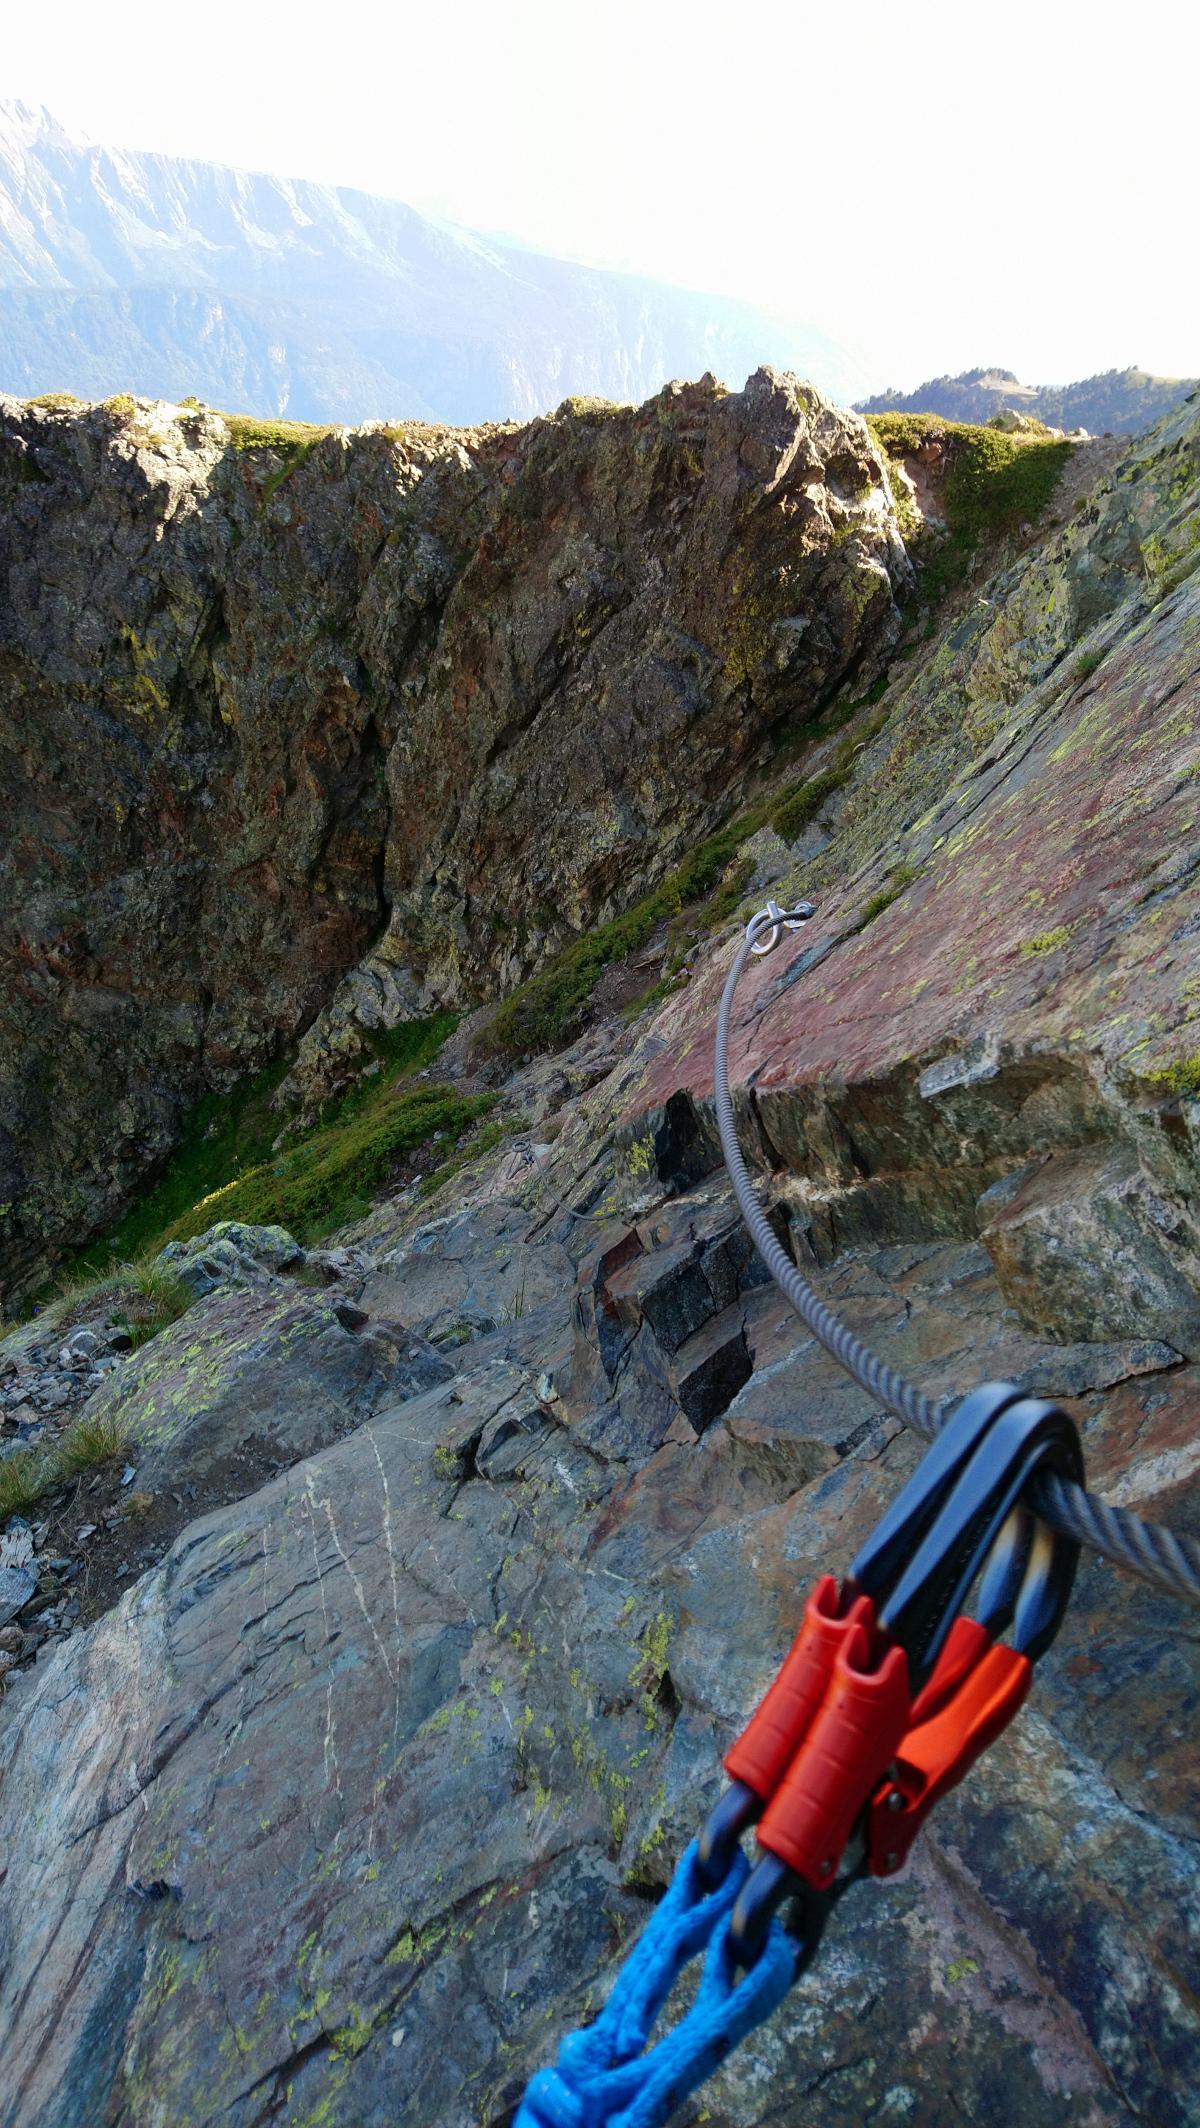 Chamrousse via ferrata climbing summer resort grenoble isere french alps france - © SD - Office de Tourisme de Chamrousse